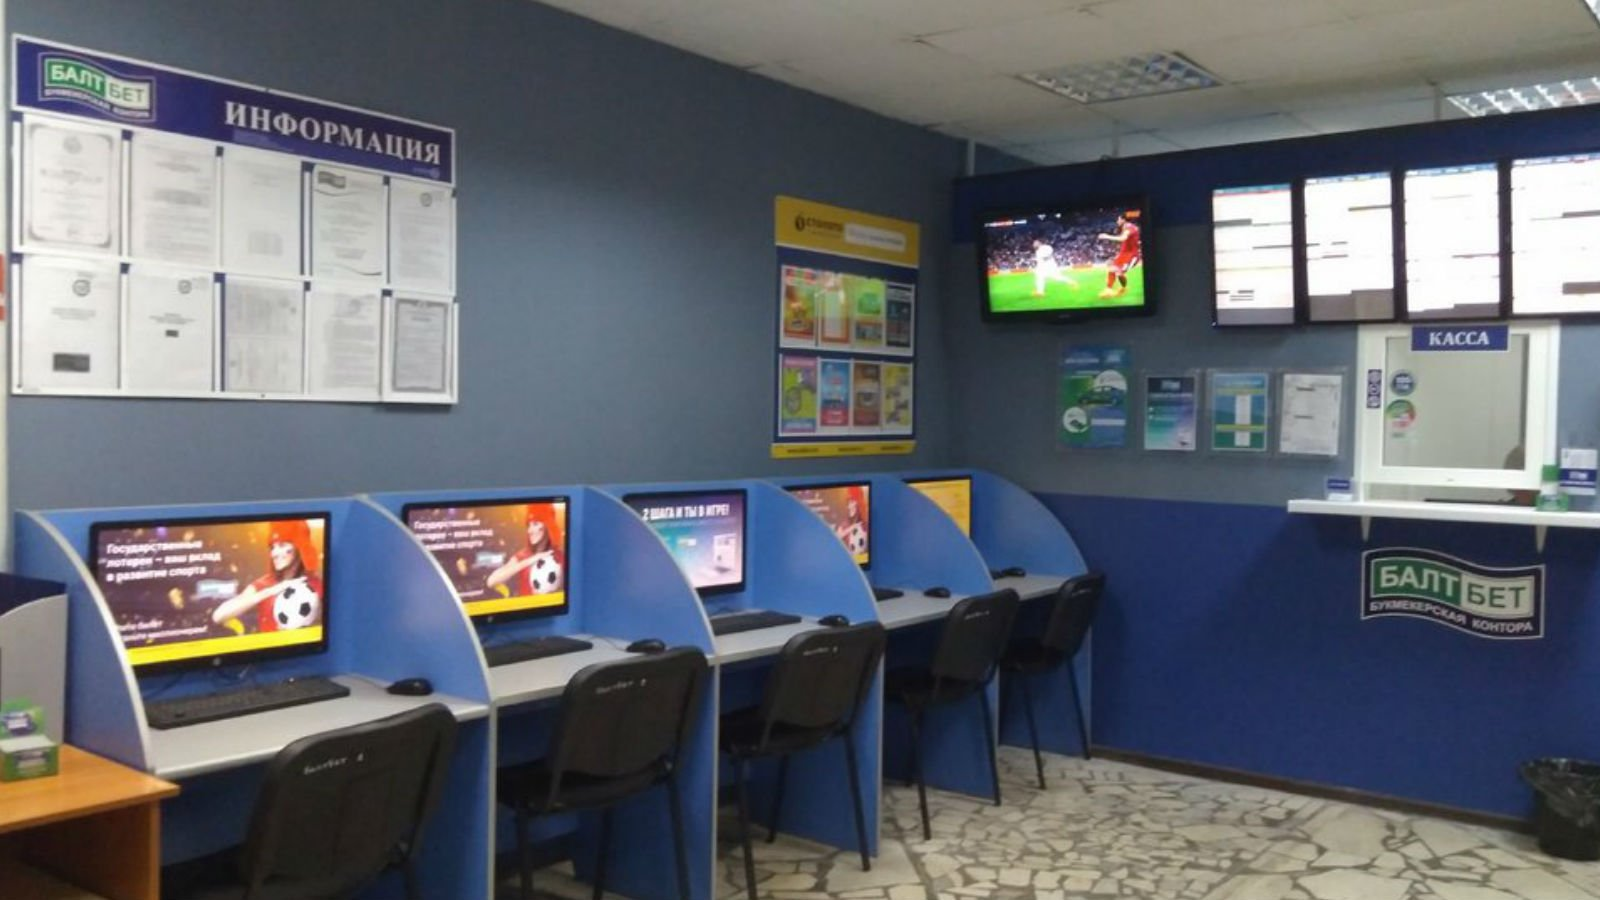 БК «Балтбет» возобновила работу клубов в Ленинградской области